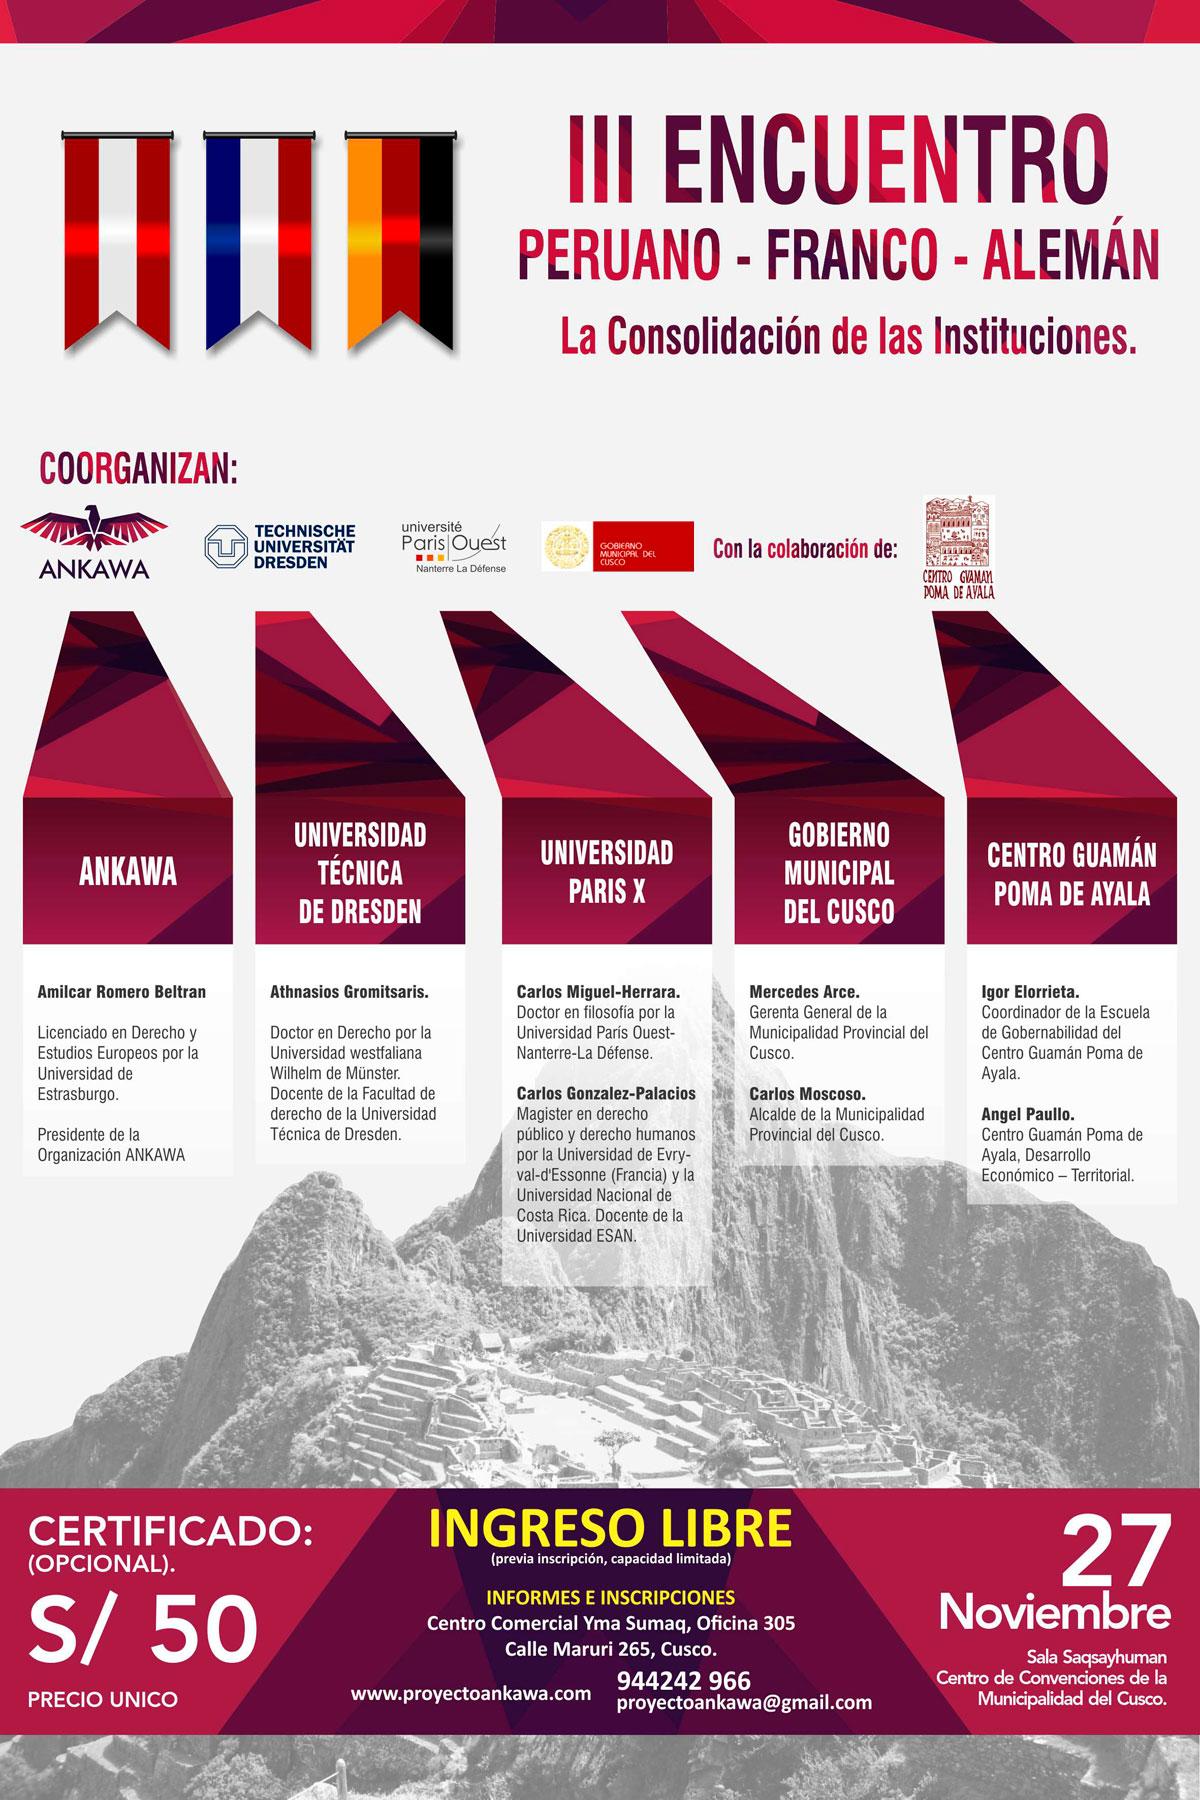 III Encuentro Peruano – Franco – Alemán Sobre la Consolidación de las Instituciones